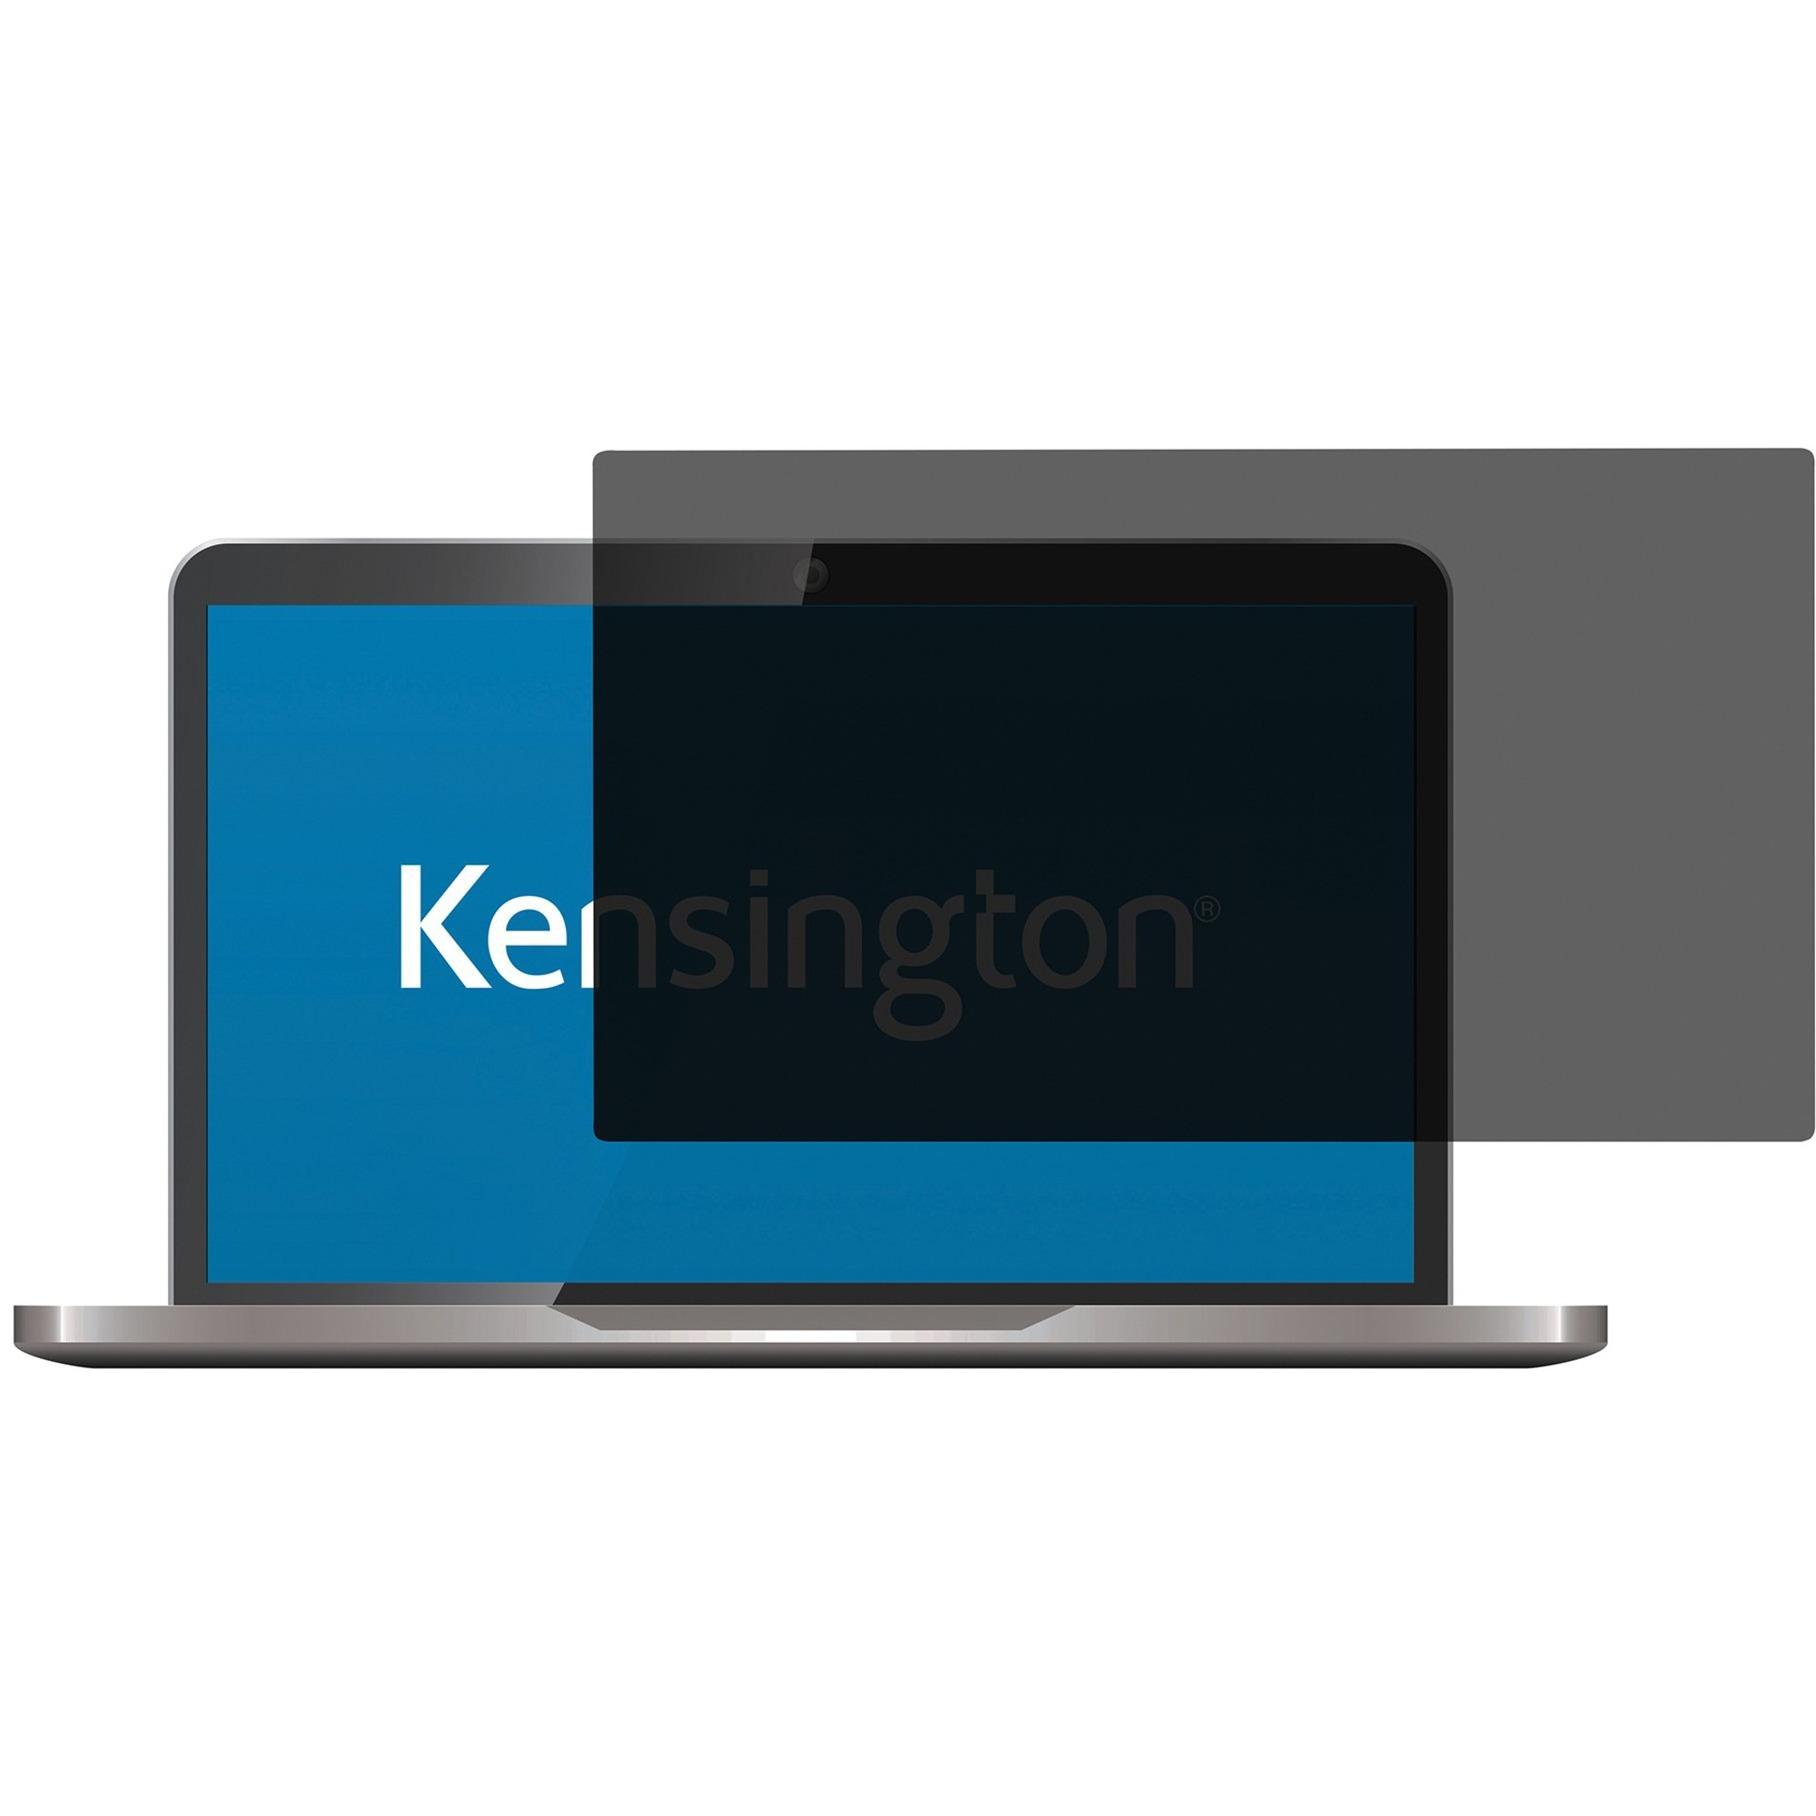 626469 filtro para monitor Filtro de privacidad para pantallas sin marco